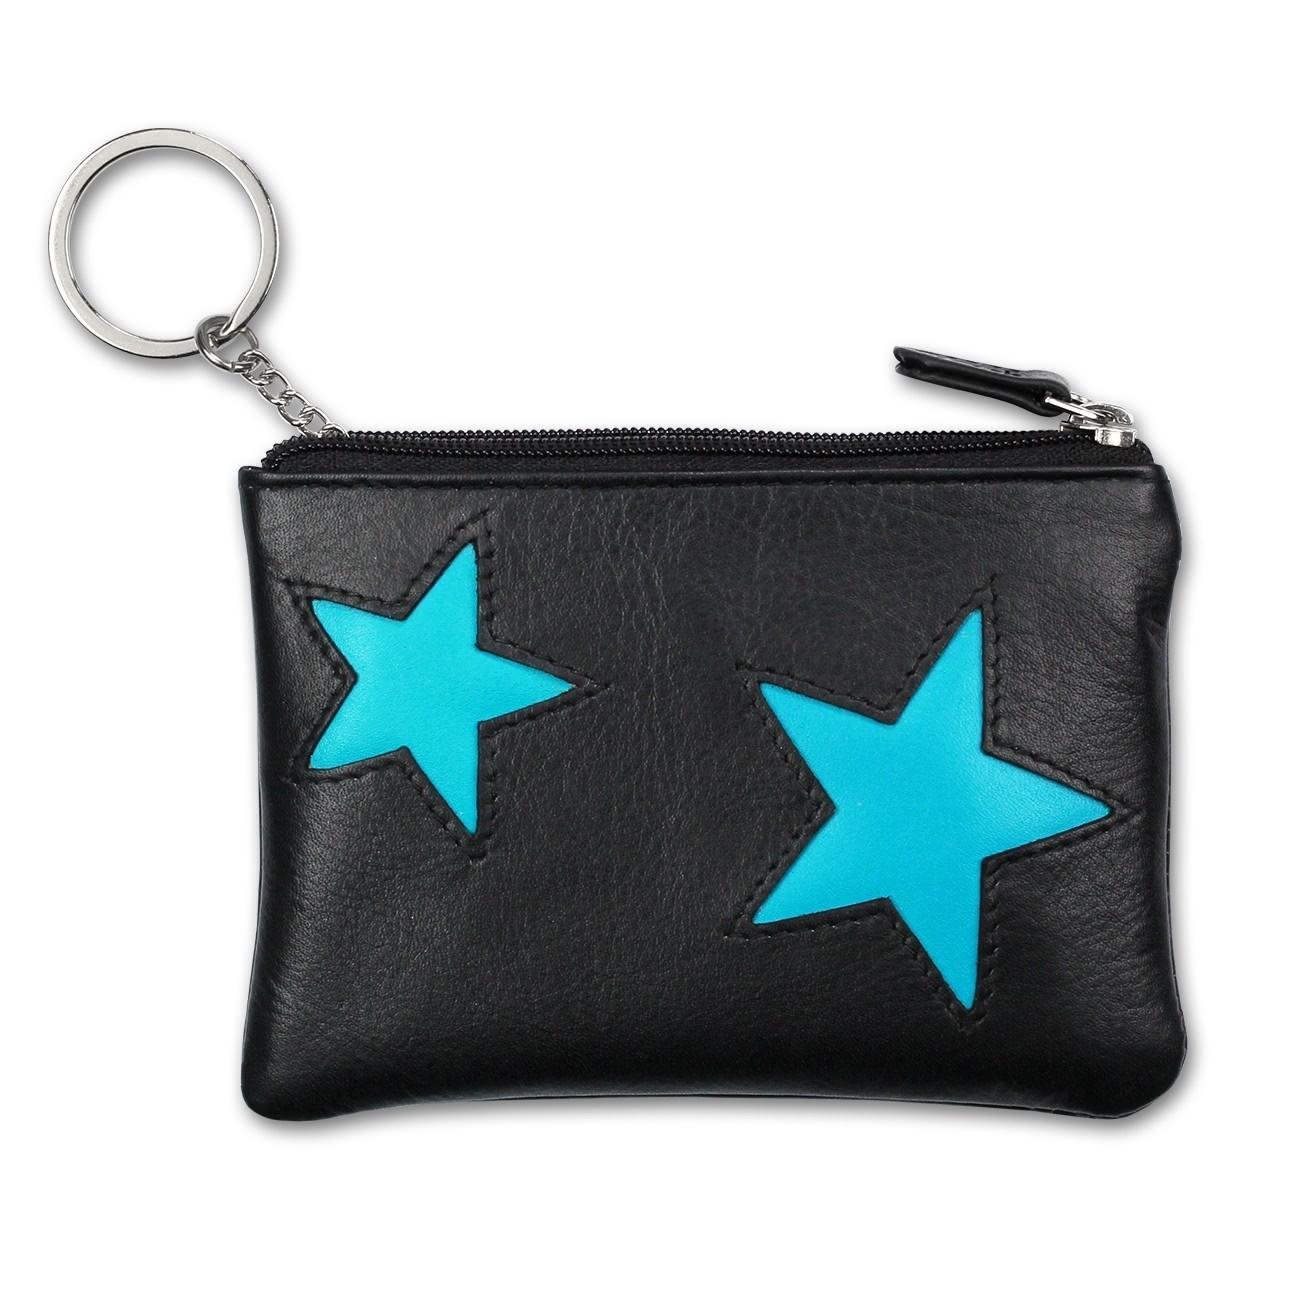 Schlüsseltasche Leder schwarz, türkis Schlüsseletui DrachenLeder OPS904T